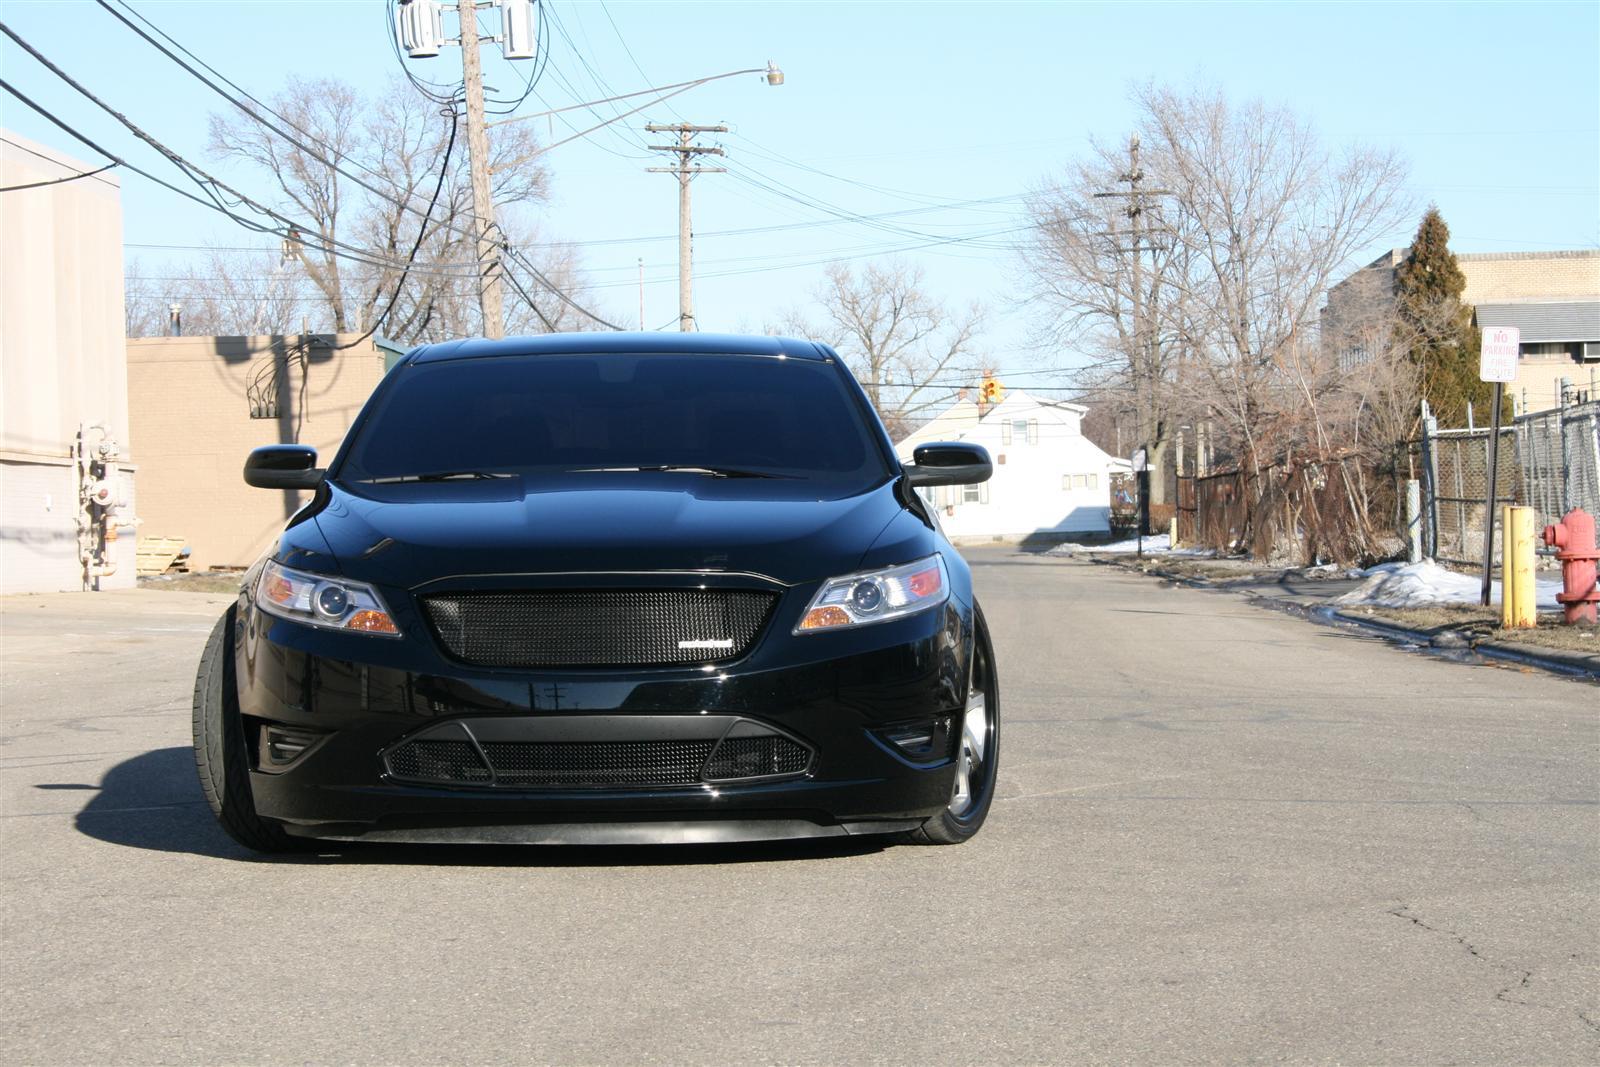 2010 Ford Taurus Sho Custom Www Pixshark Com Images